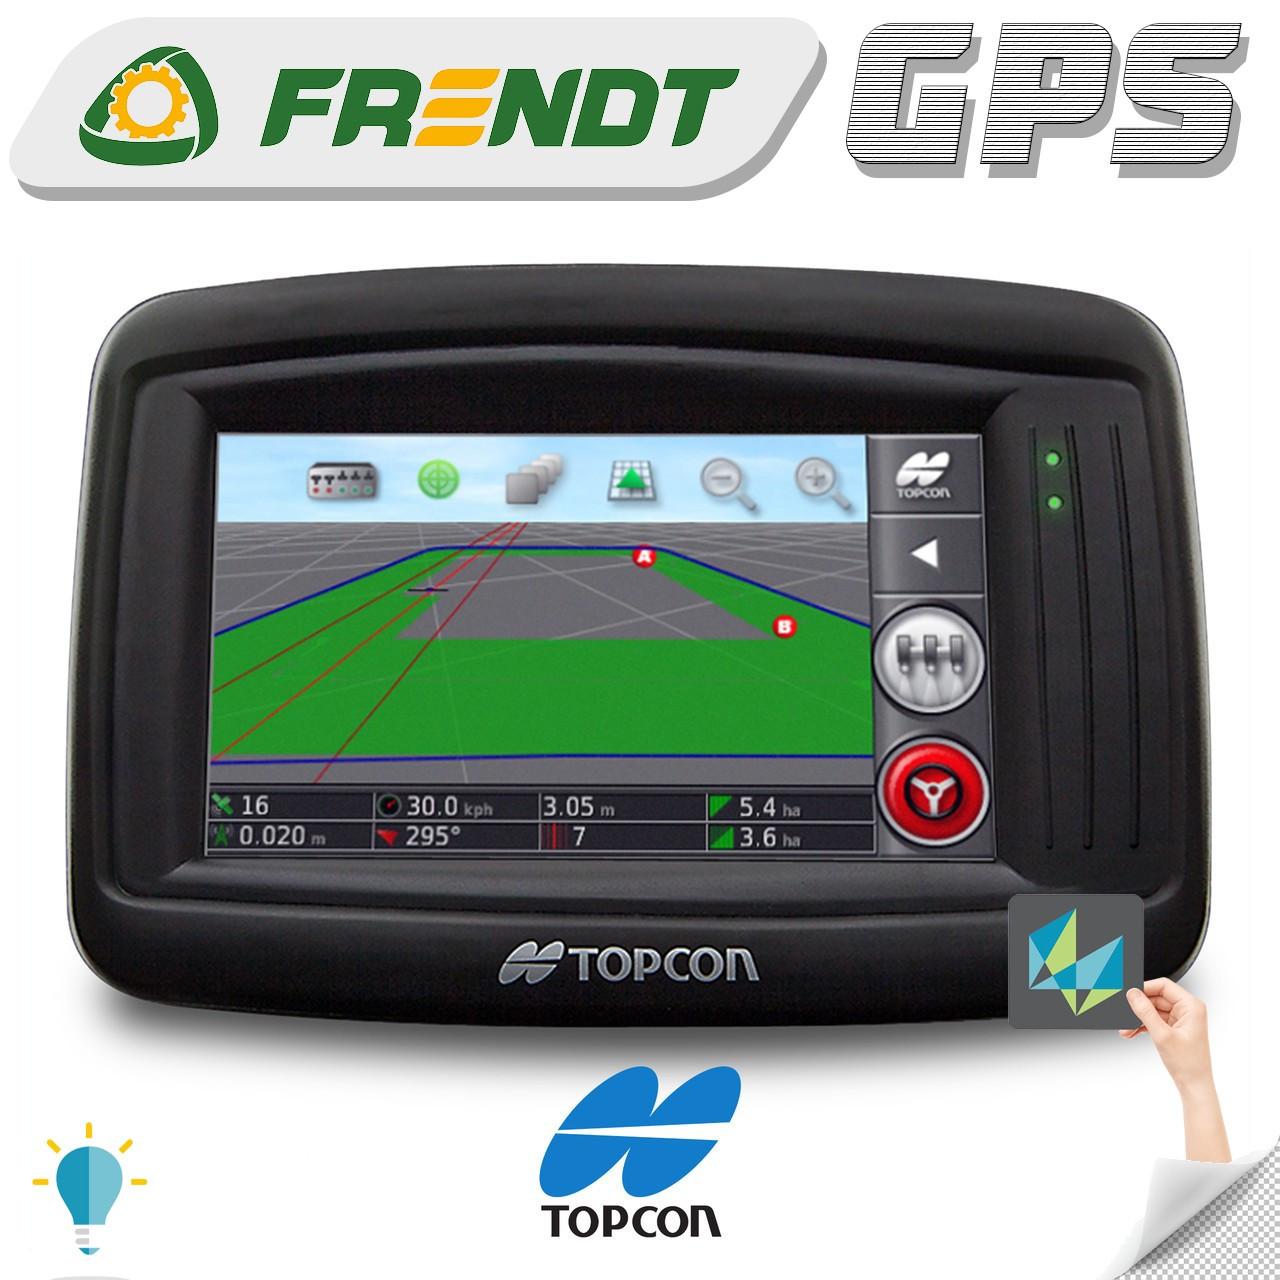 Gps навігатор для трактора (навігатор для поля, сільгосп навігатор) TOPCON x14